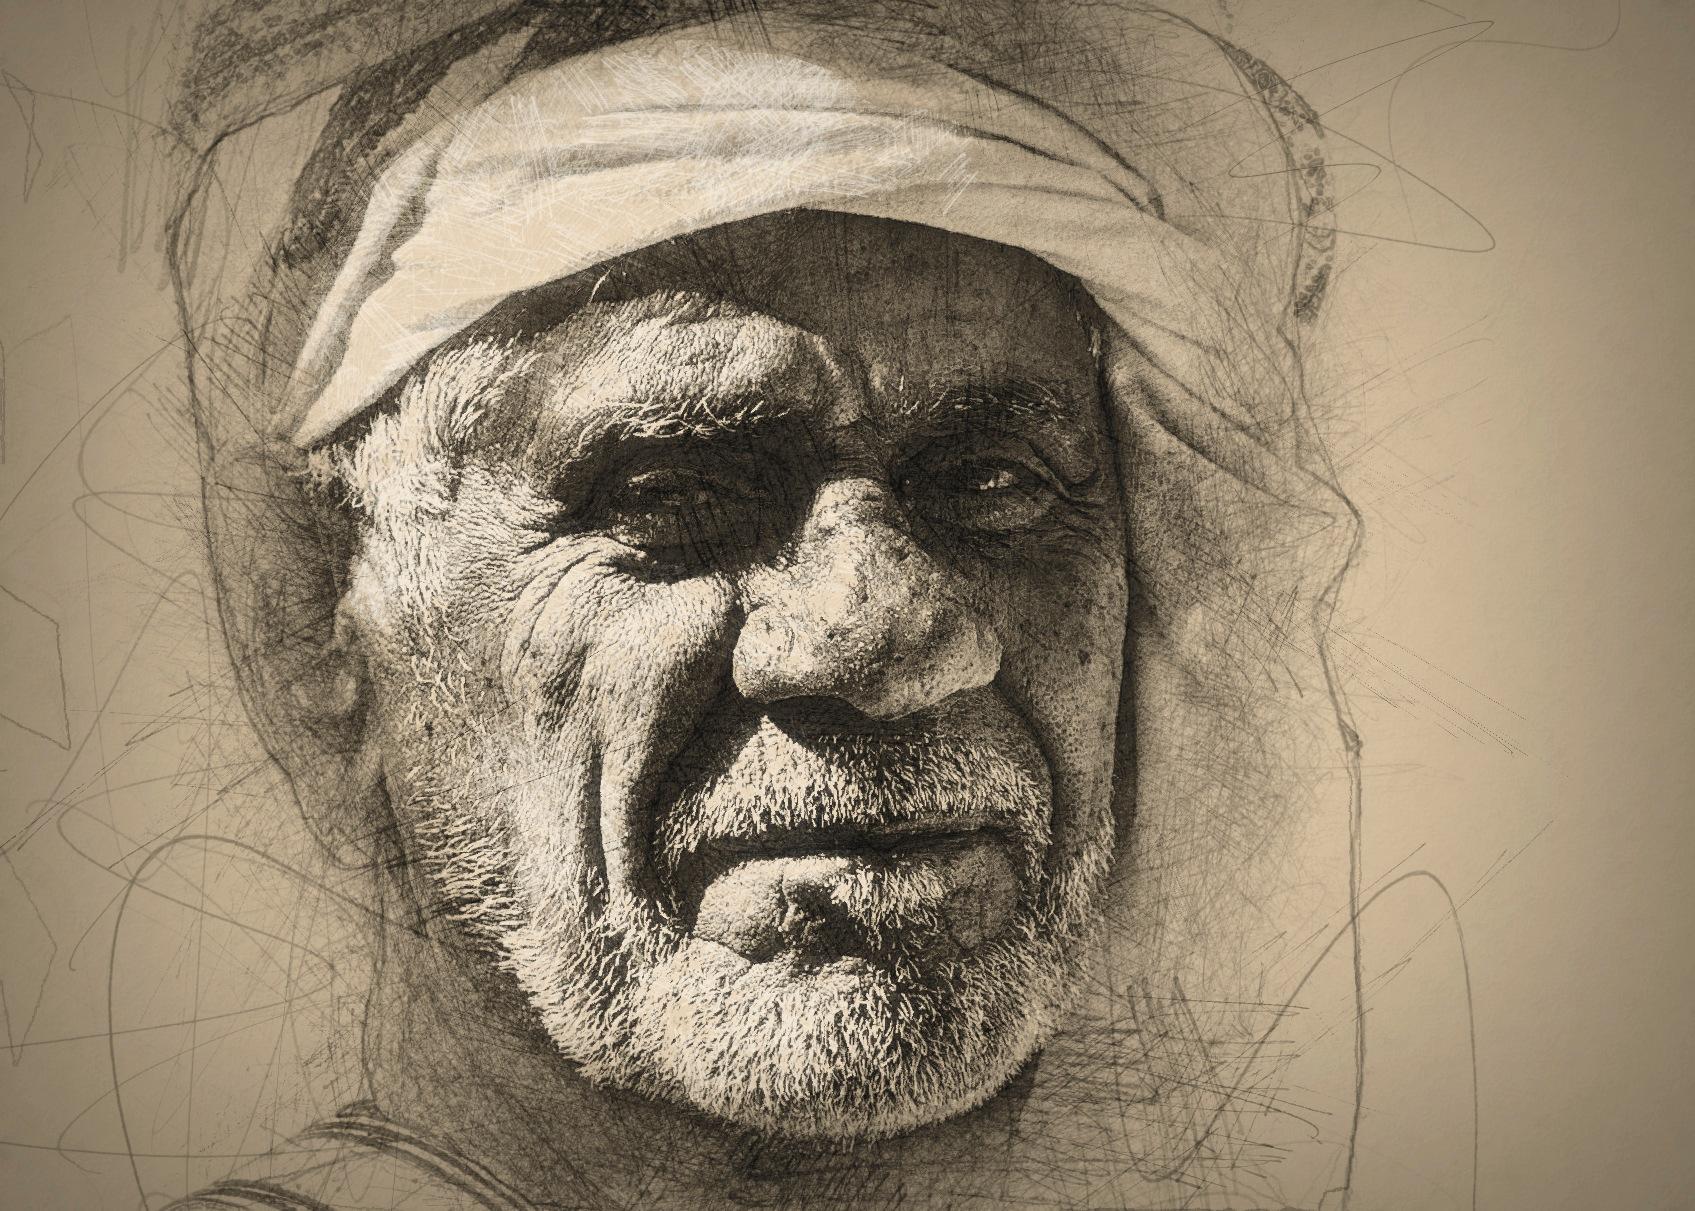 Arabs by Brigitte Werner